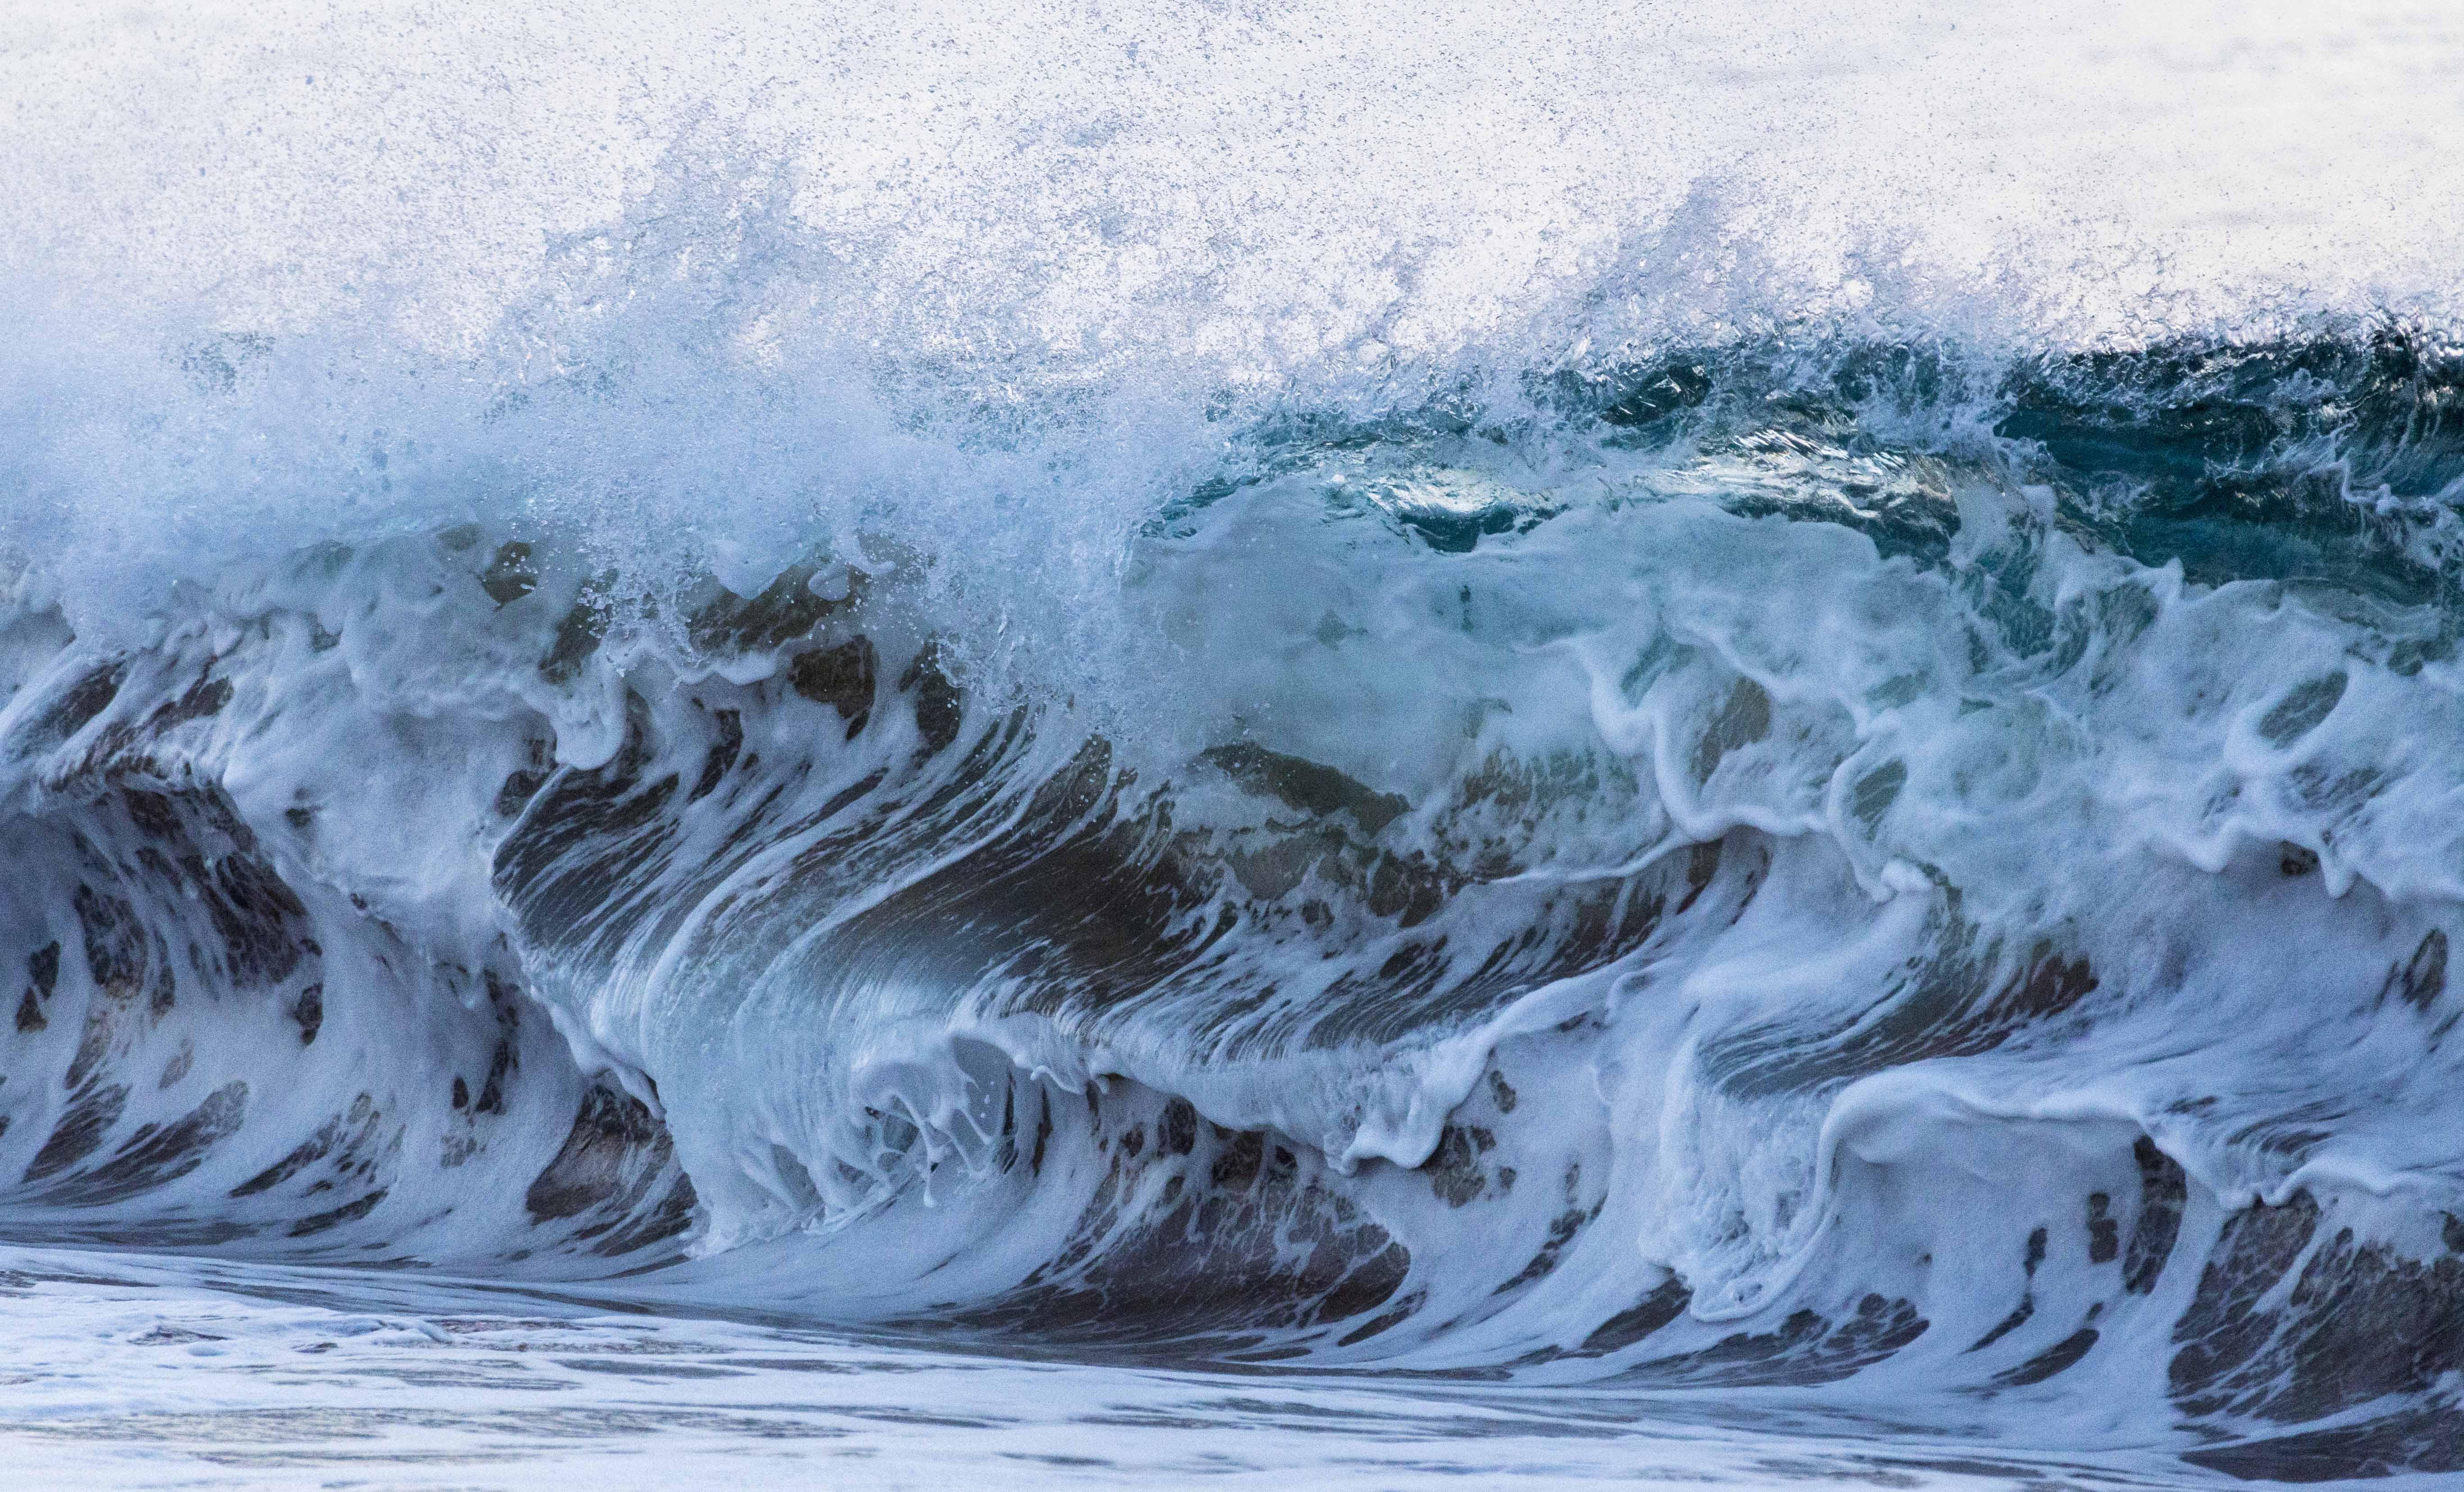 Wild wave photo